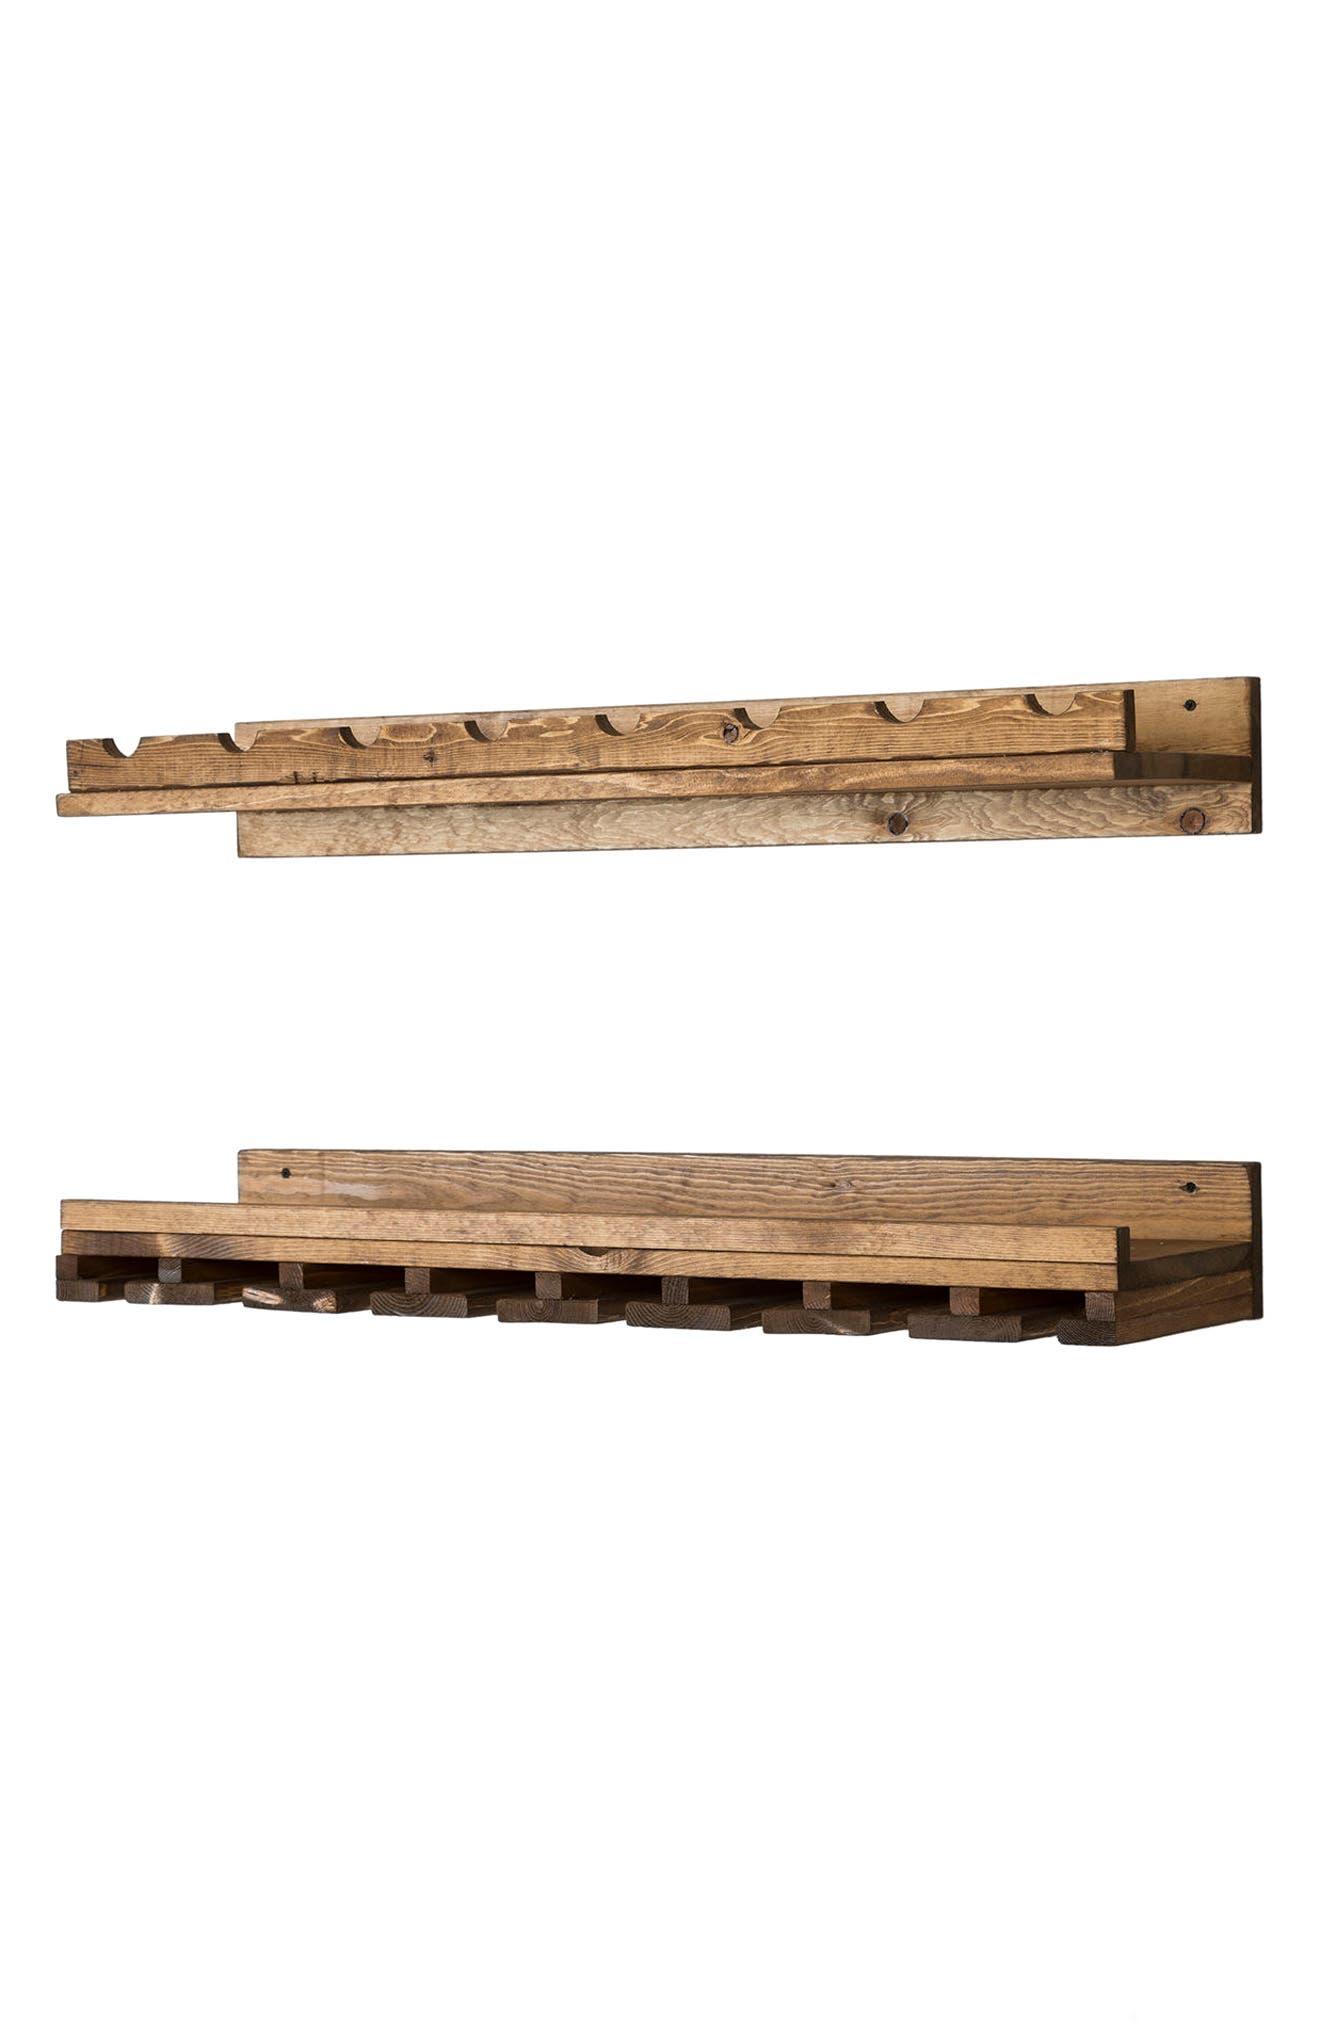 Set of 2 Pine Wood Wine Racks,                             Alternate thumbnail 5, color,                             Dark Walnut